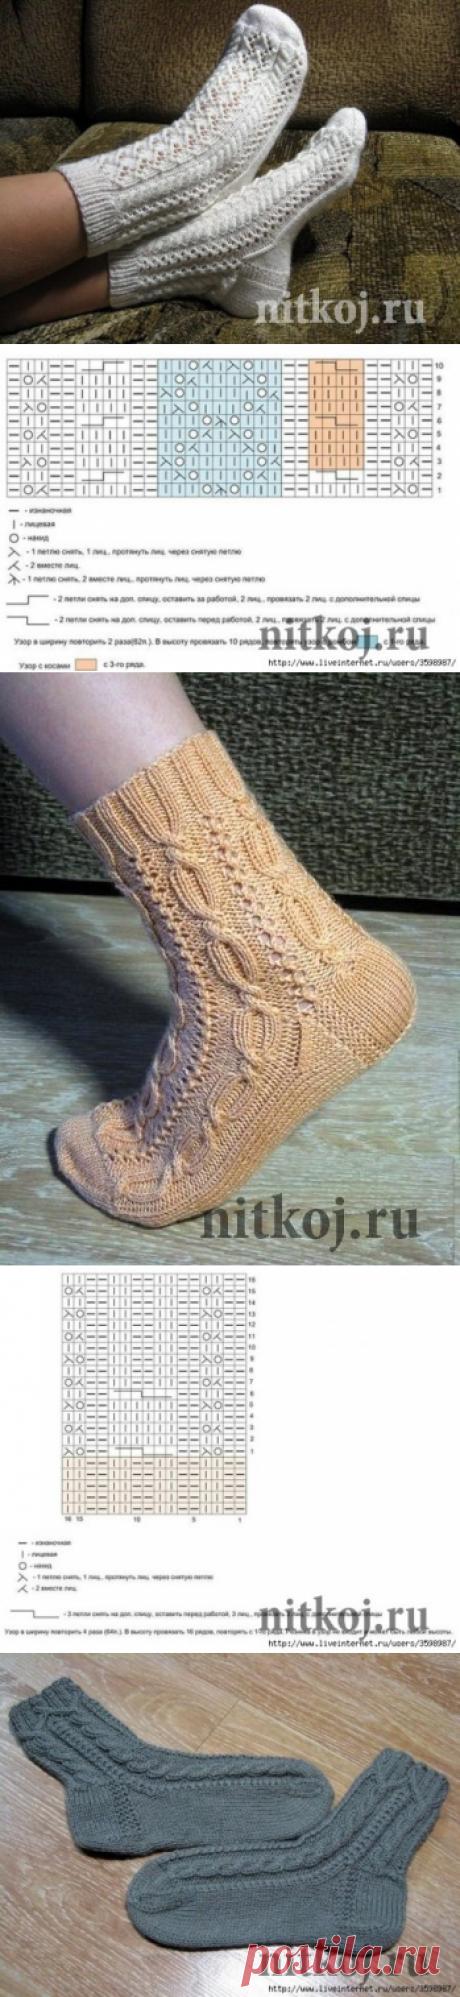 Ажурные носочки, подборка схем » Ниткой - вязаные вещи для вашего дома, вязание крючком, вязание спицами, схемы вязания